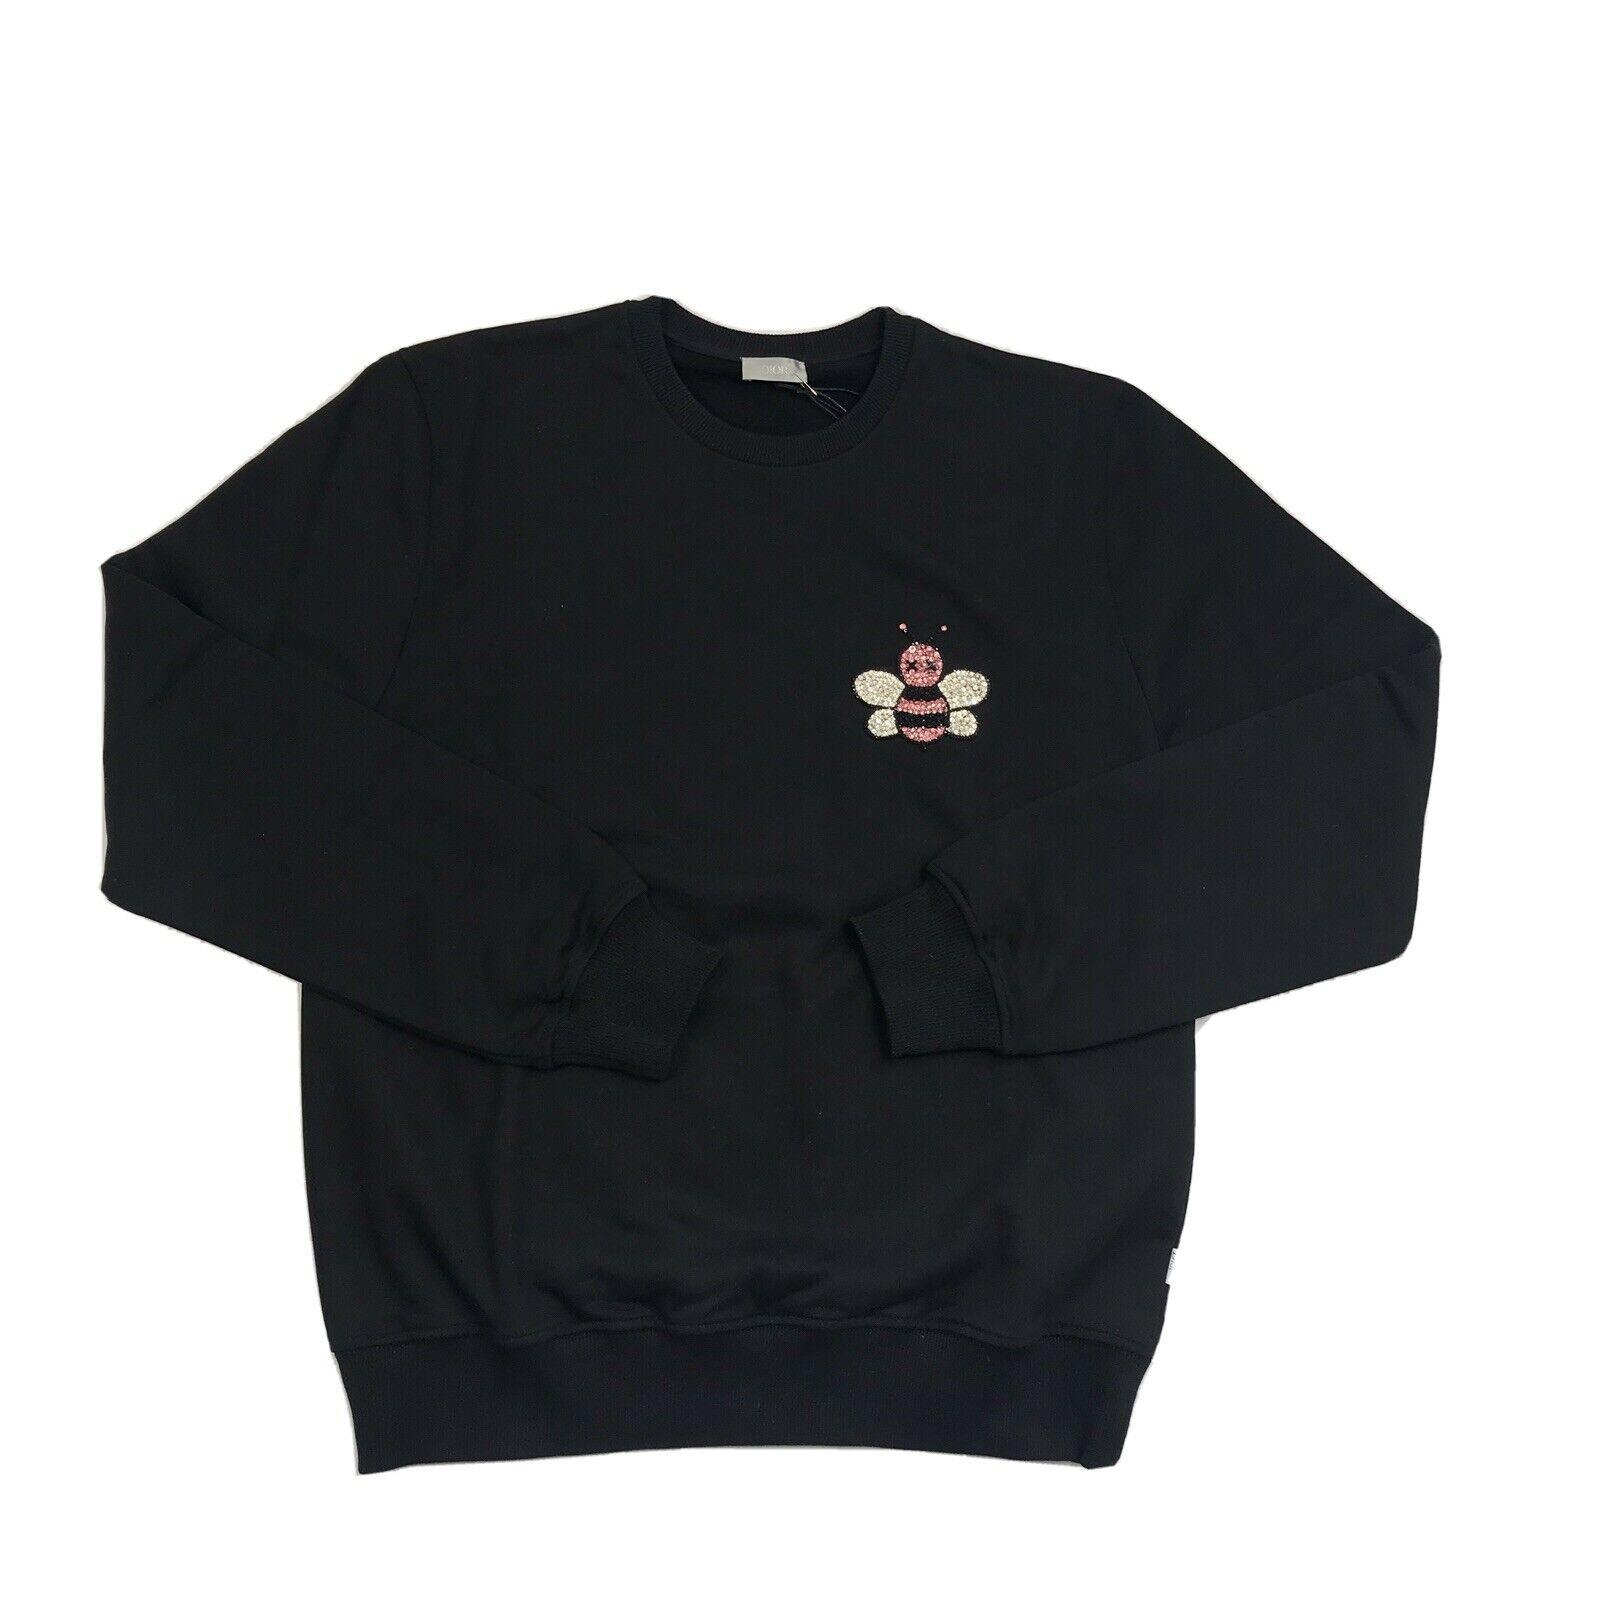 DIOR X KAWS CRYSTAL BEE BLACK SWEATSHIRT SIZE: XL